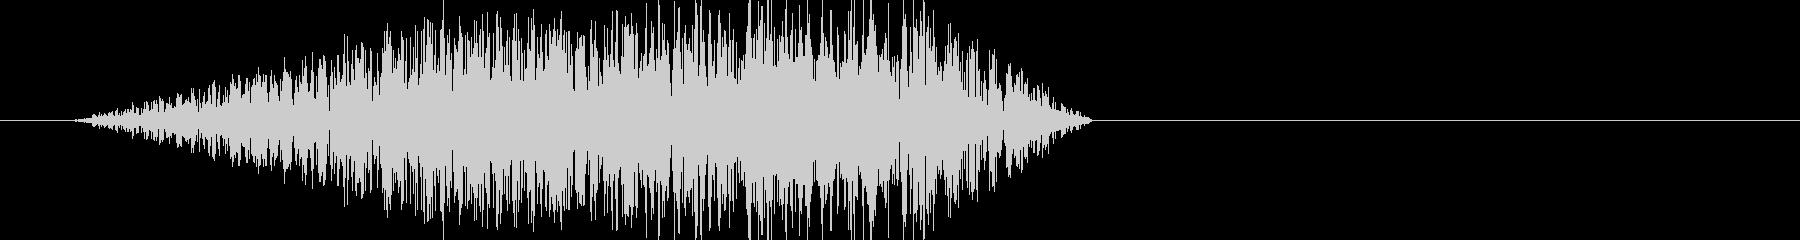 ブラッシュアップされたホワイトノイズ音の未再生の波形